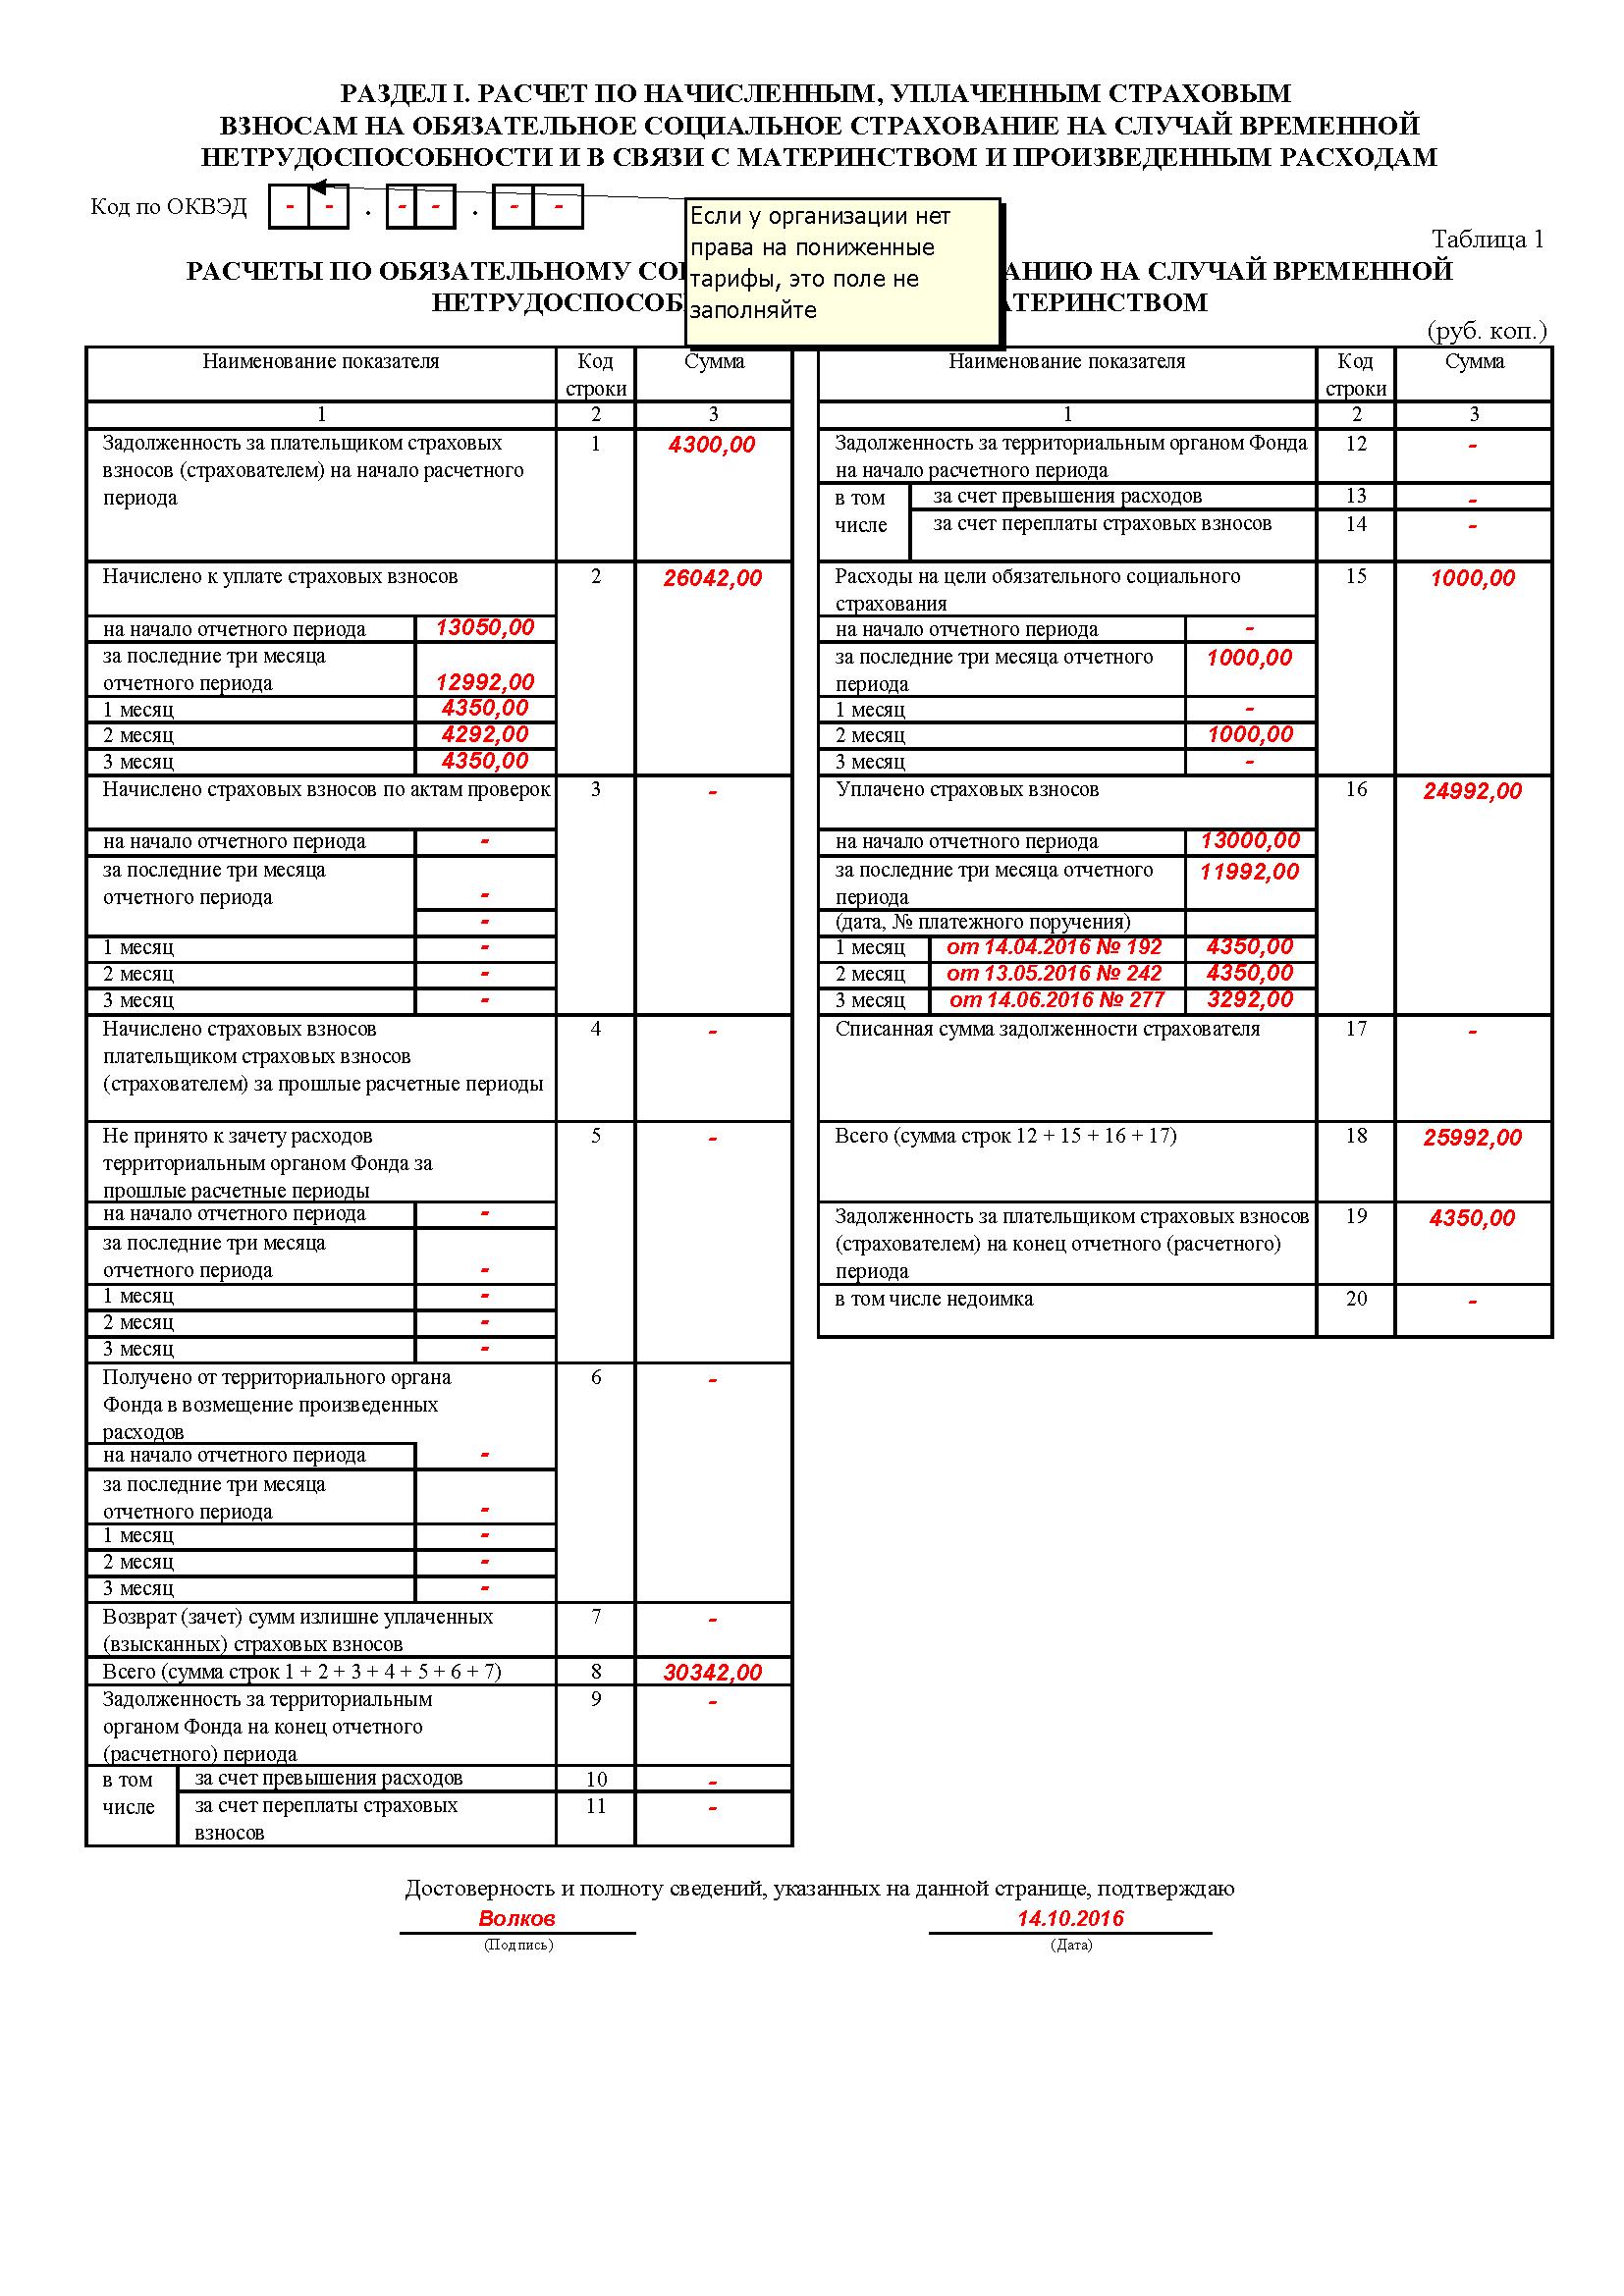 Отчетность в ФСС за 3 квартал 2016 года бланк